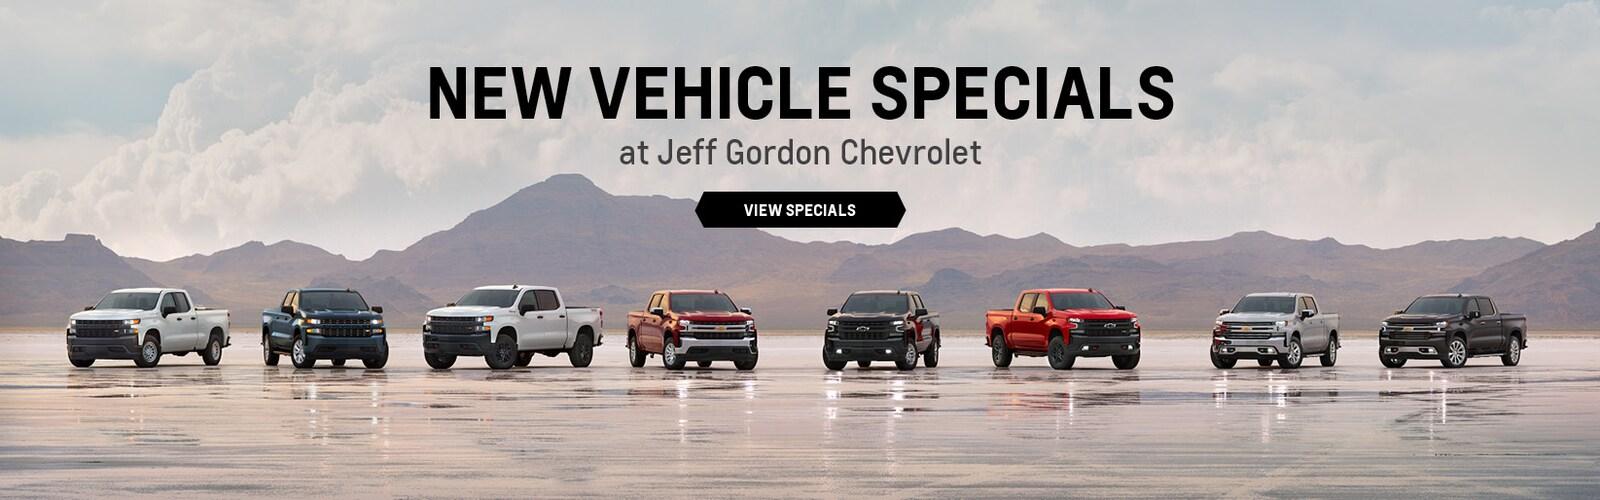 Jeff Gordon Chevrolet >> Jeff Gordon Chevrolet Chevy Dealer Serving Wilmington